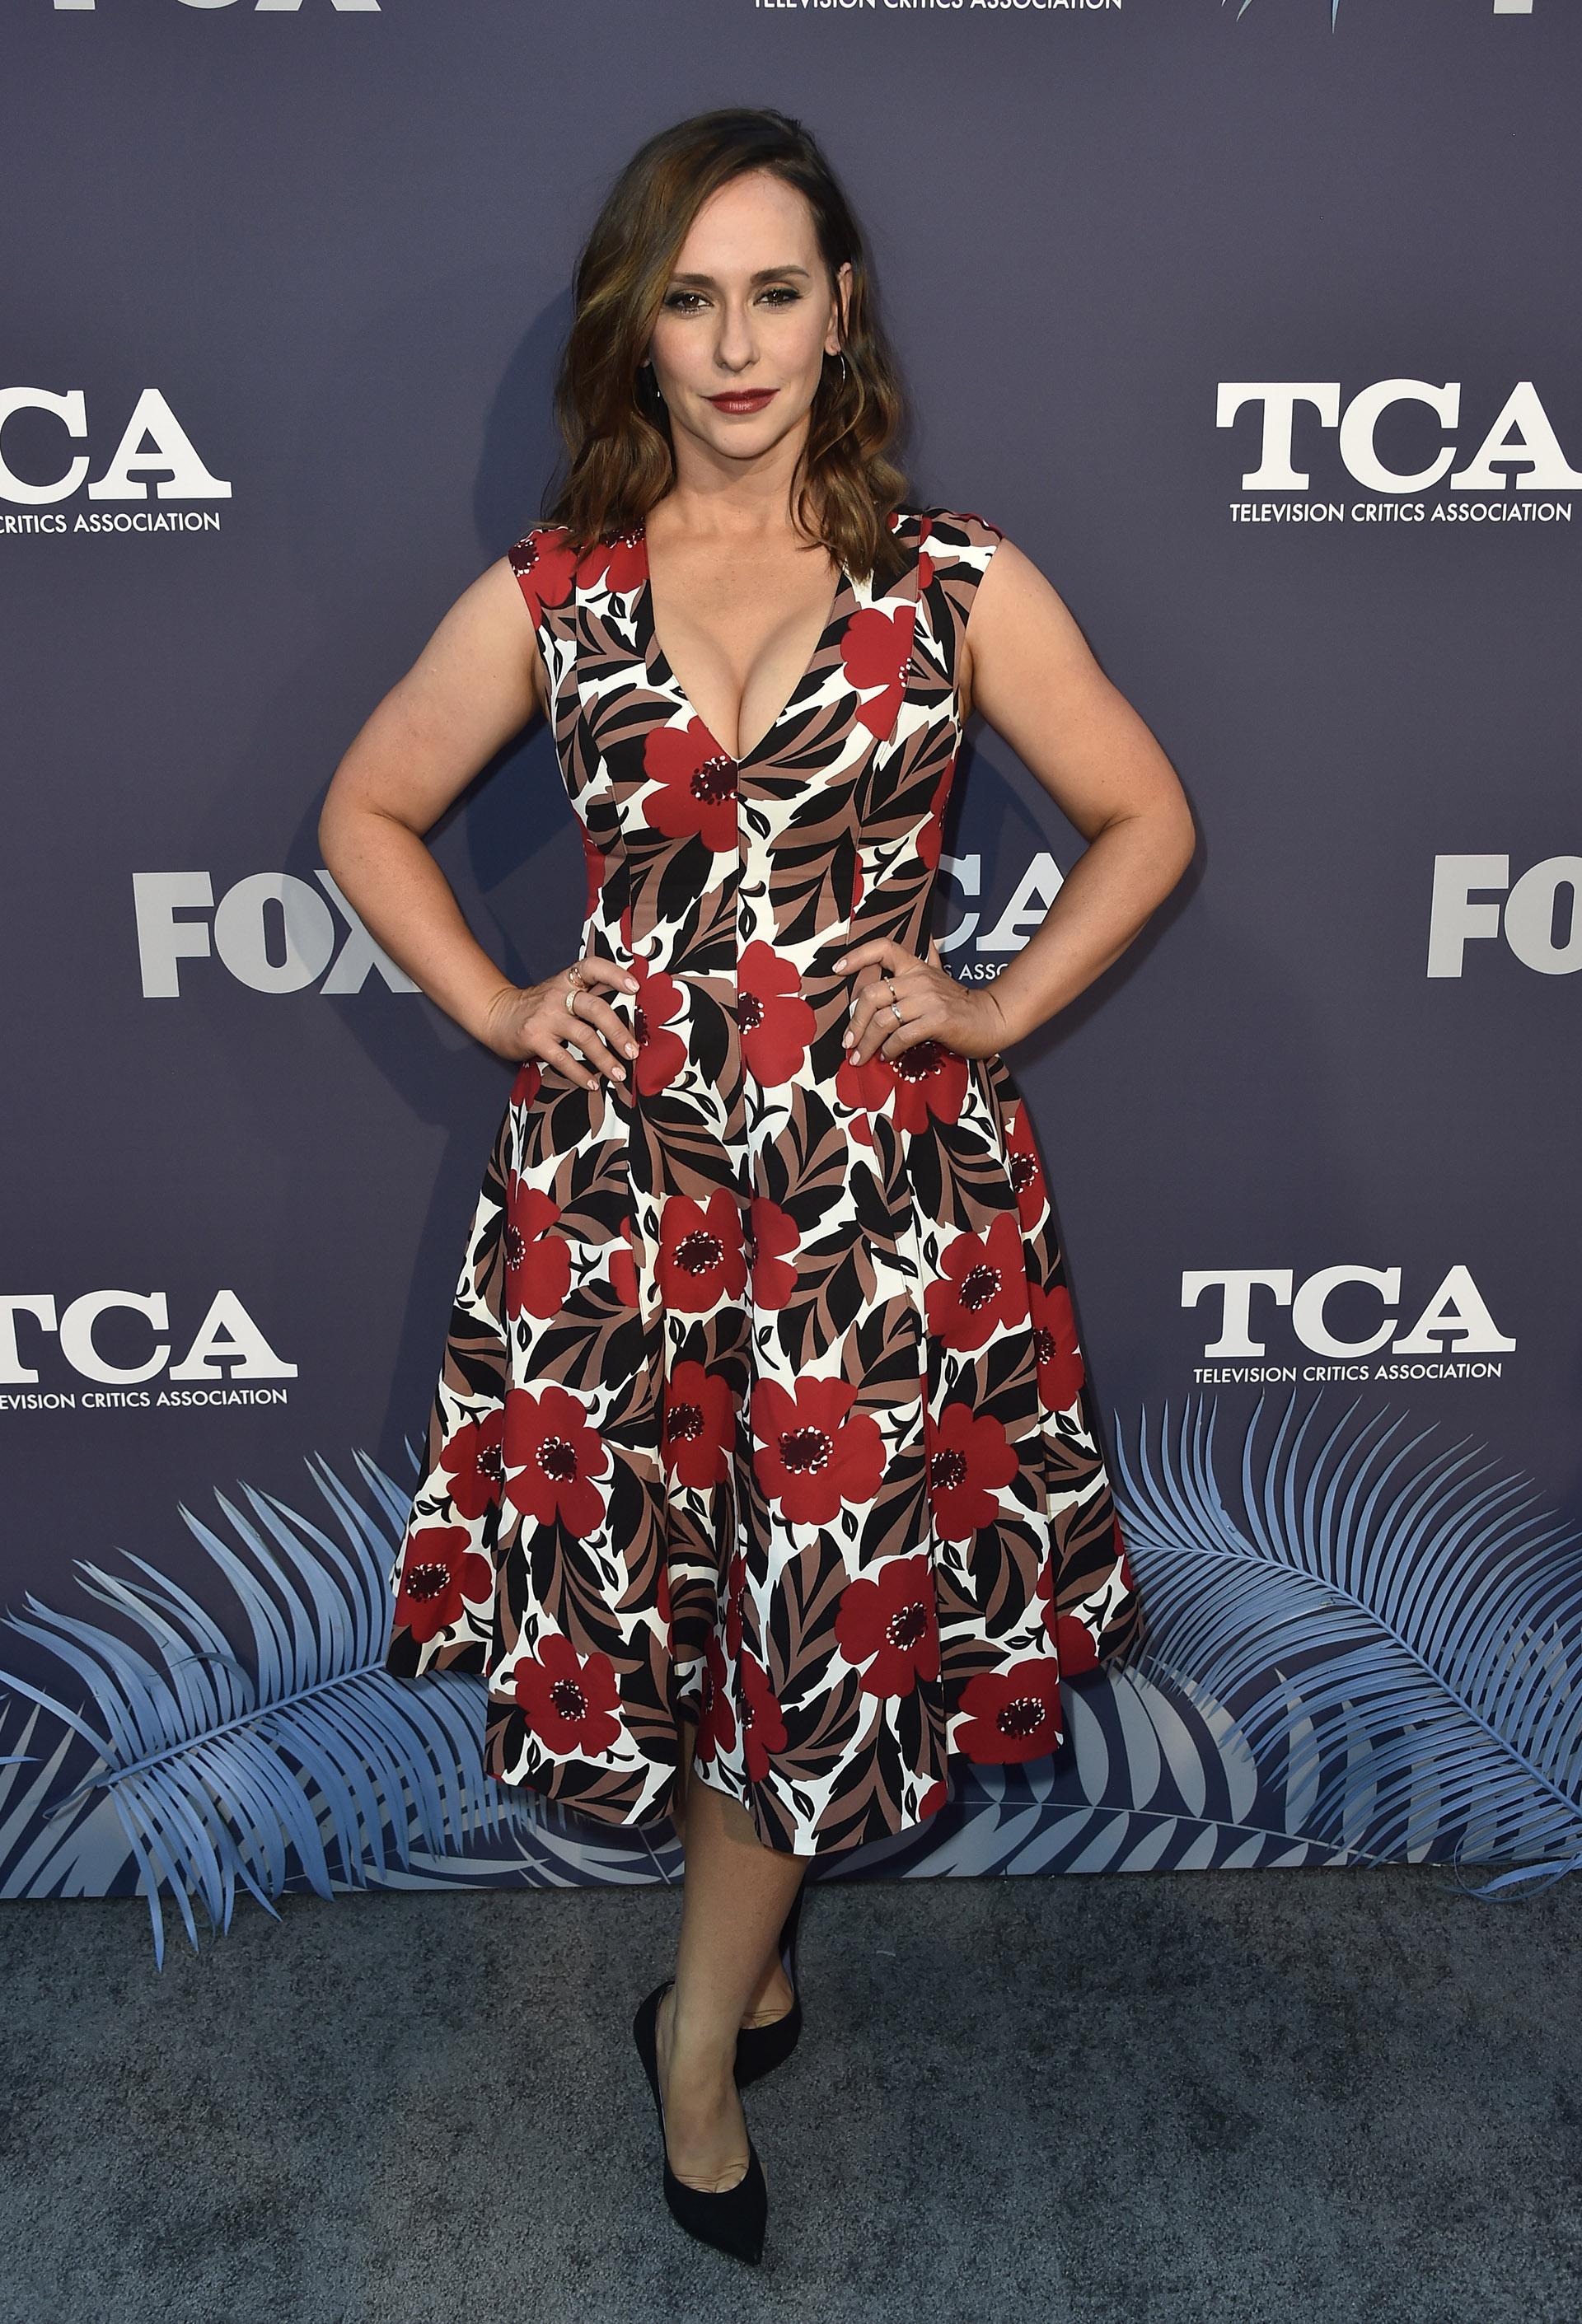 Jennifer Love Hewitt mostró su figura con este escotado vestido de estampado floral